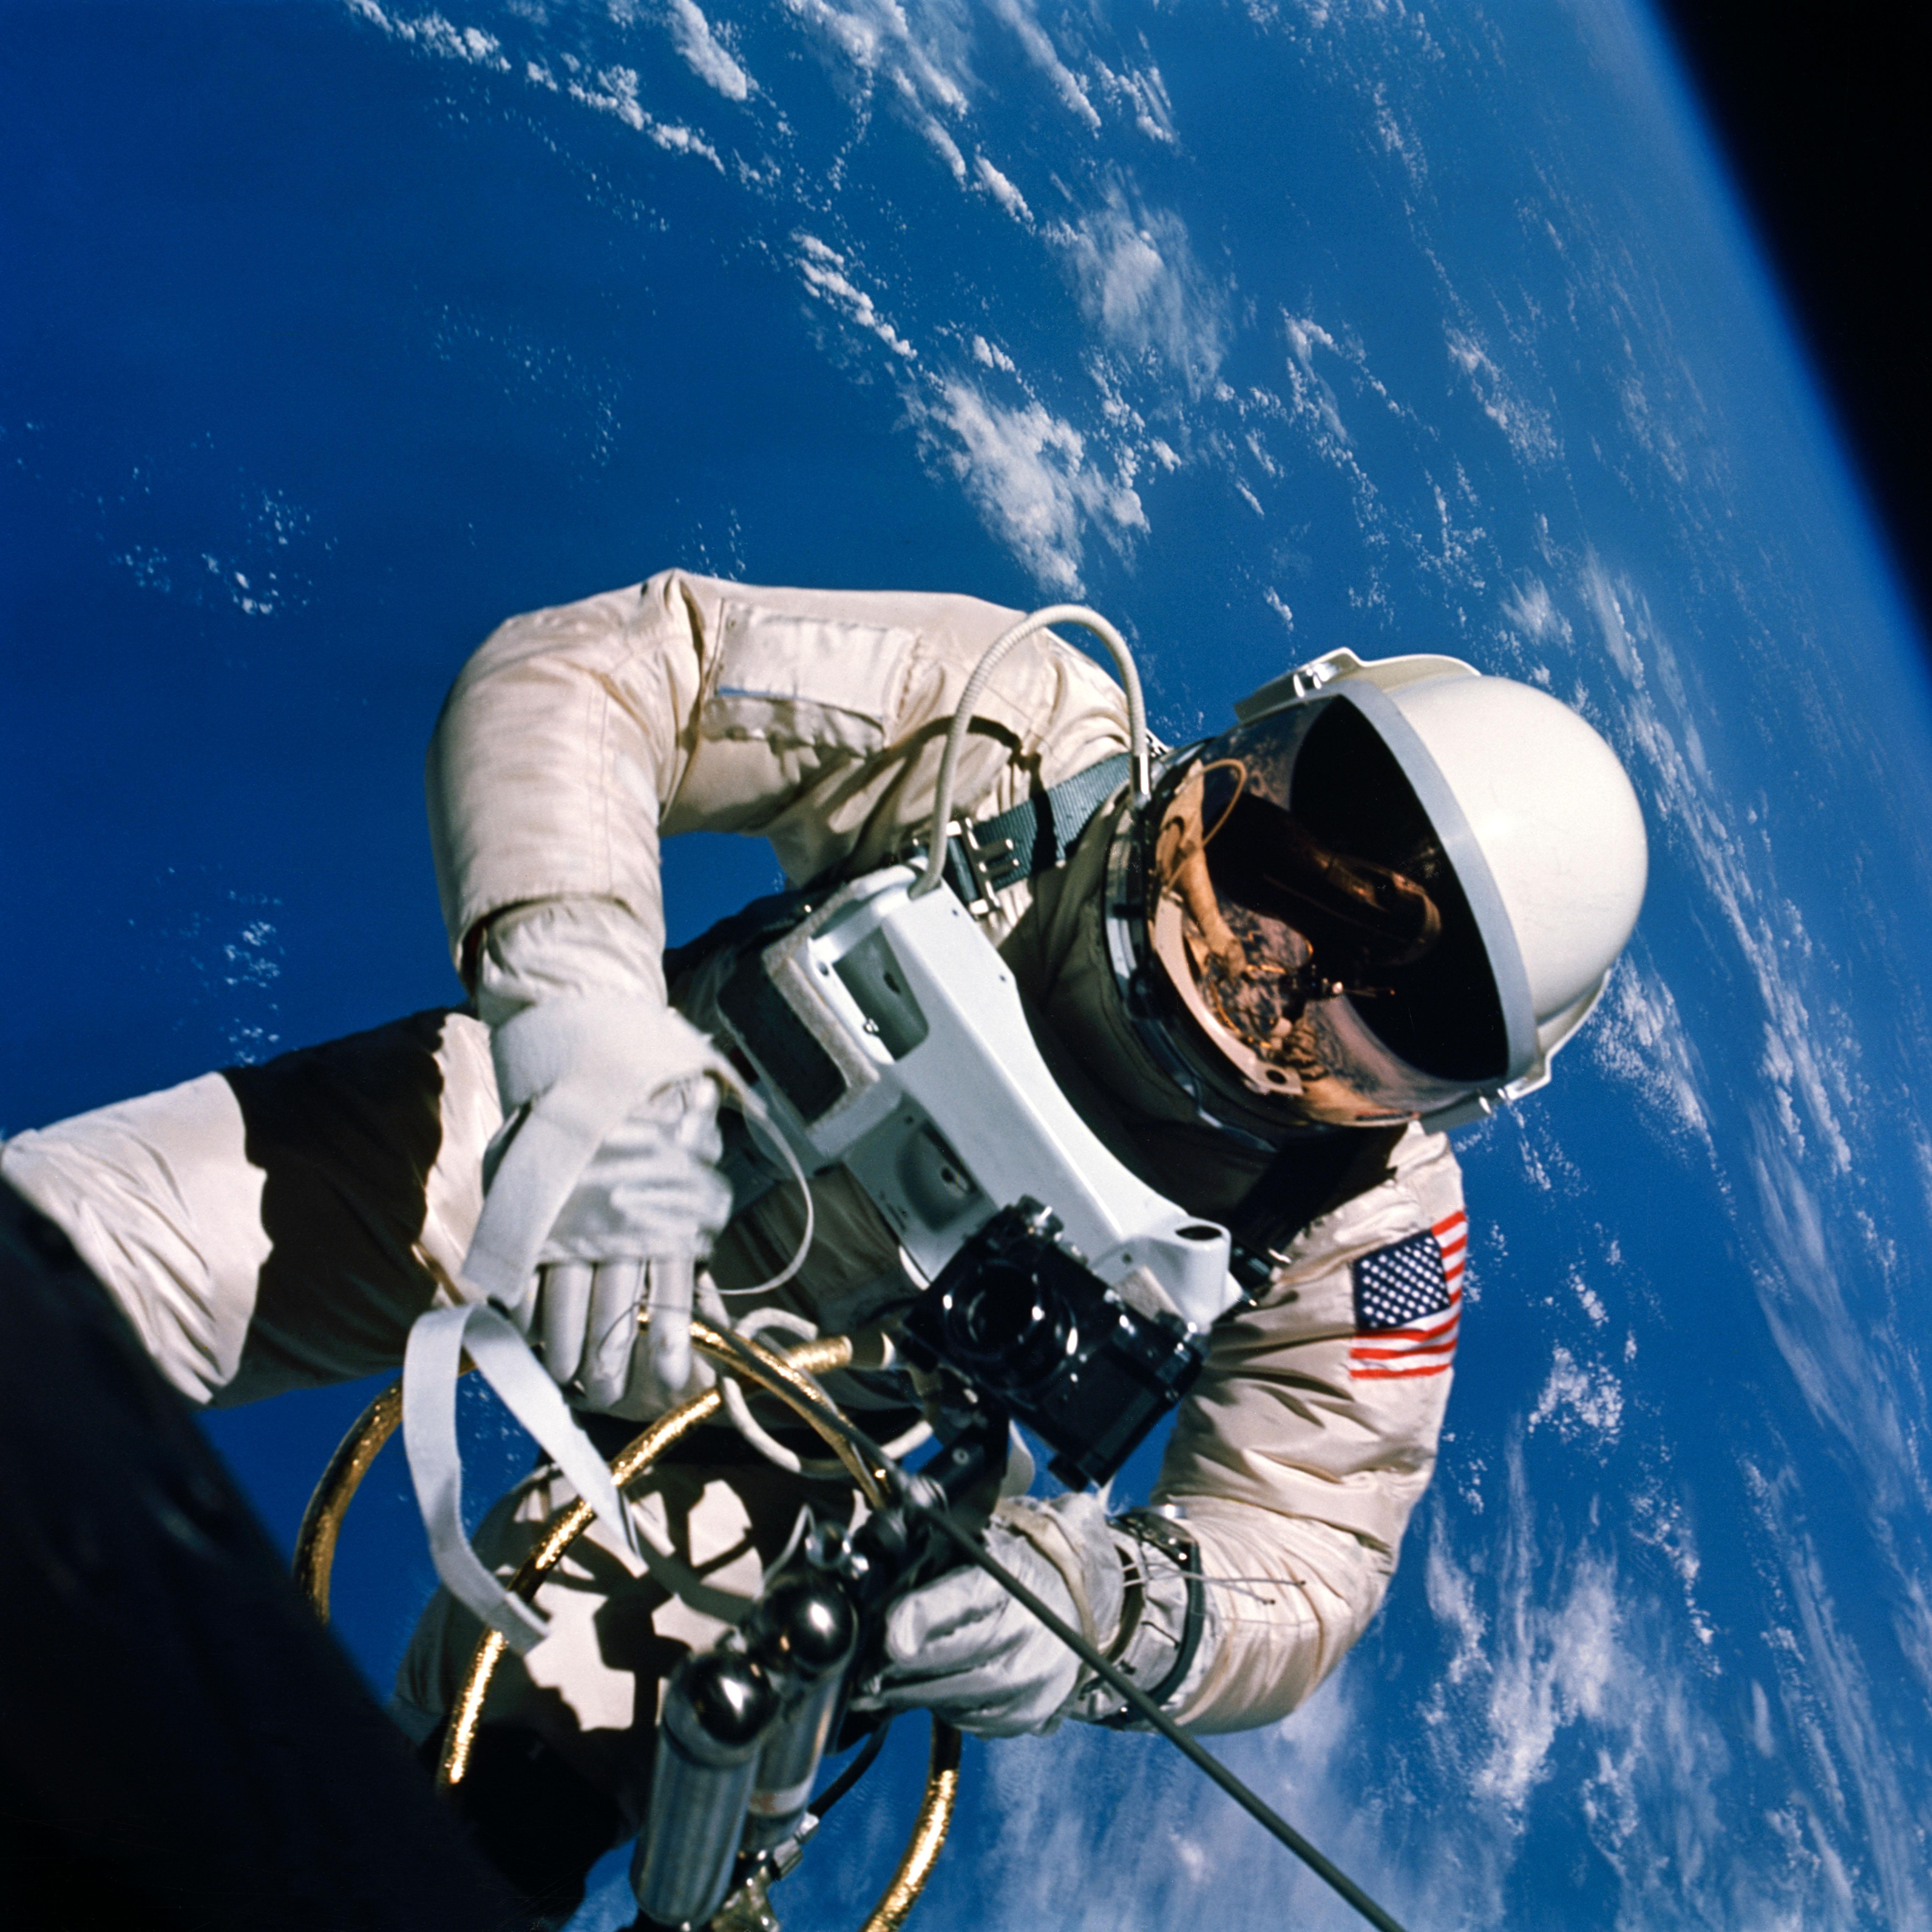 gemini 4 spacecraft documents - photo #1